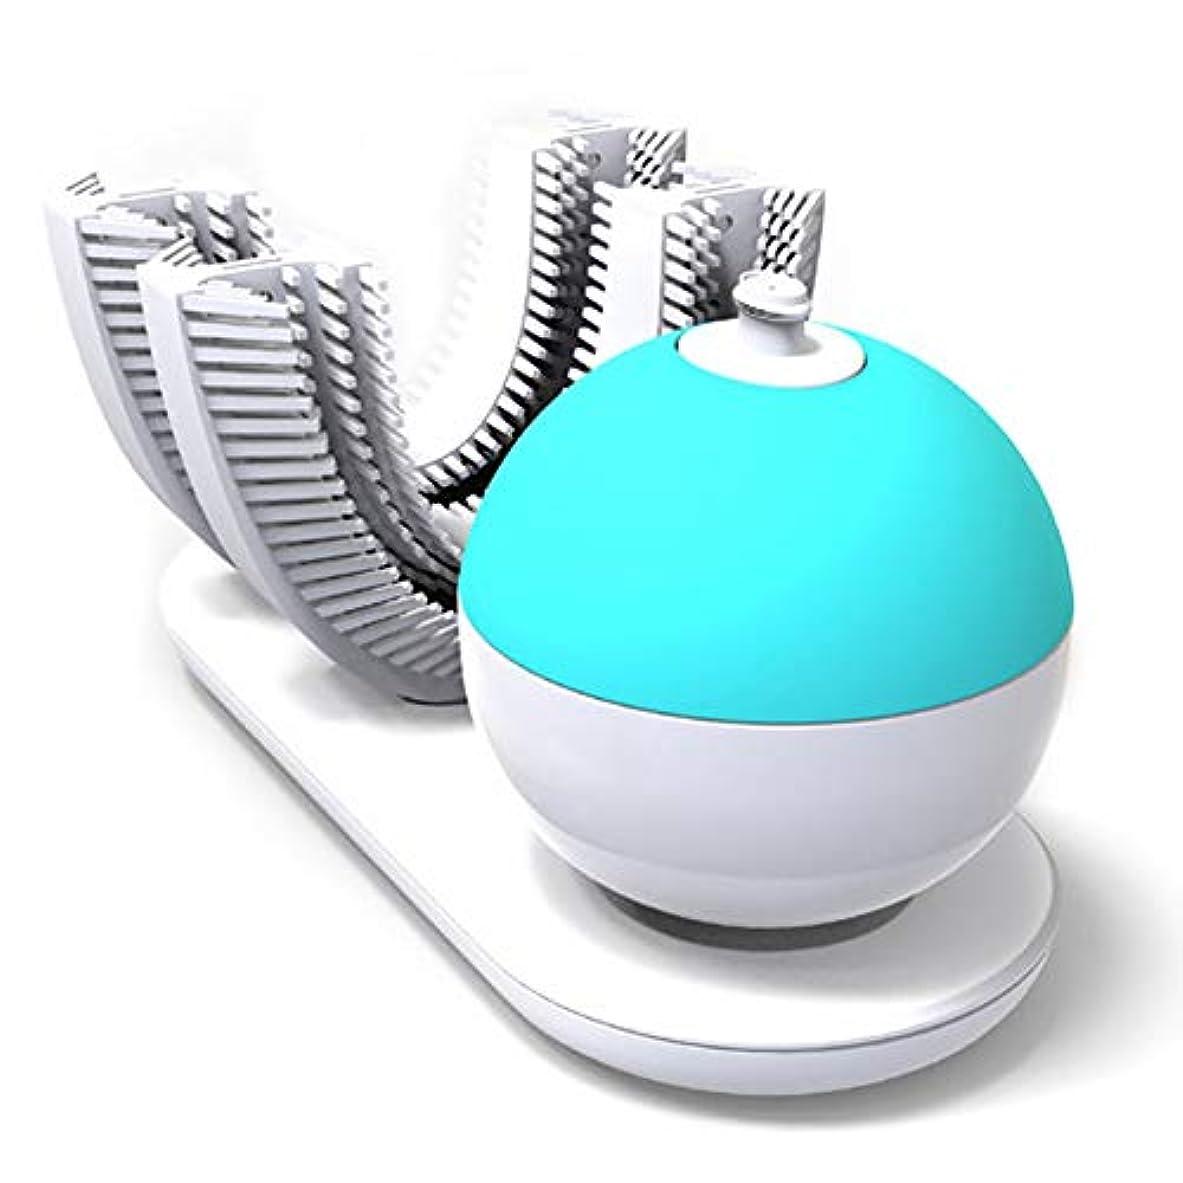 出席日曜日交じるフルオートマチック可変周波数電動歯ブラシ、自動360度U字型電動歯ブラシ、ワイヤレス充電IPX7防水自動歯ブラシ(大人用)